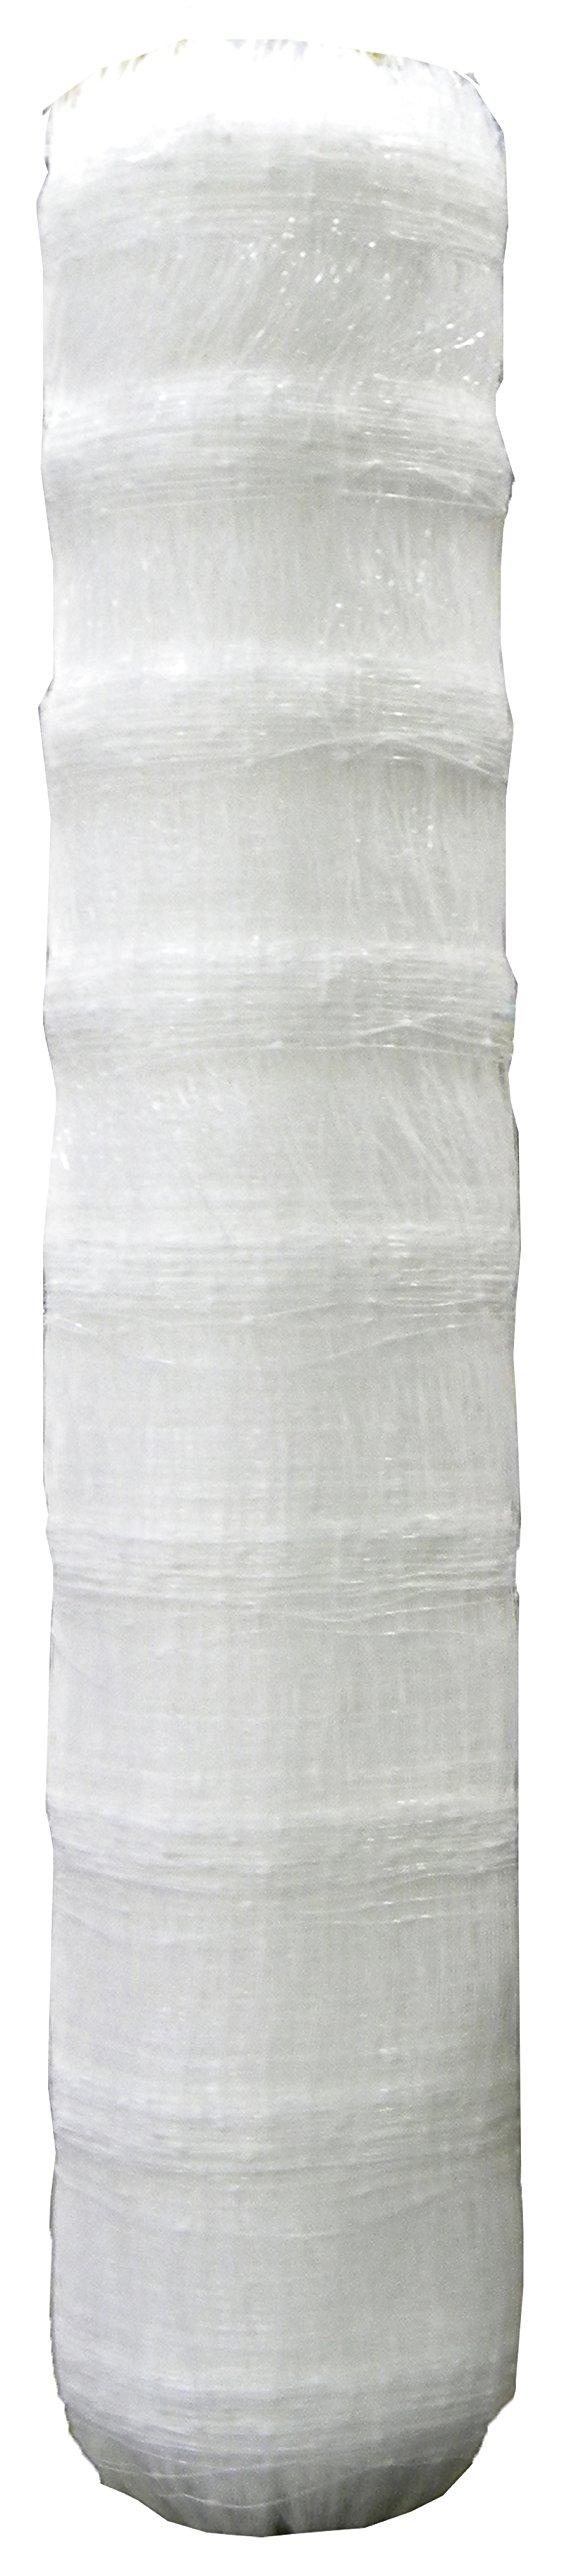 Tenax Hortonova, 48'' x 3280', White by Tenax